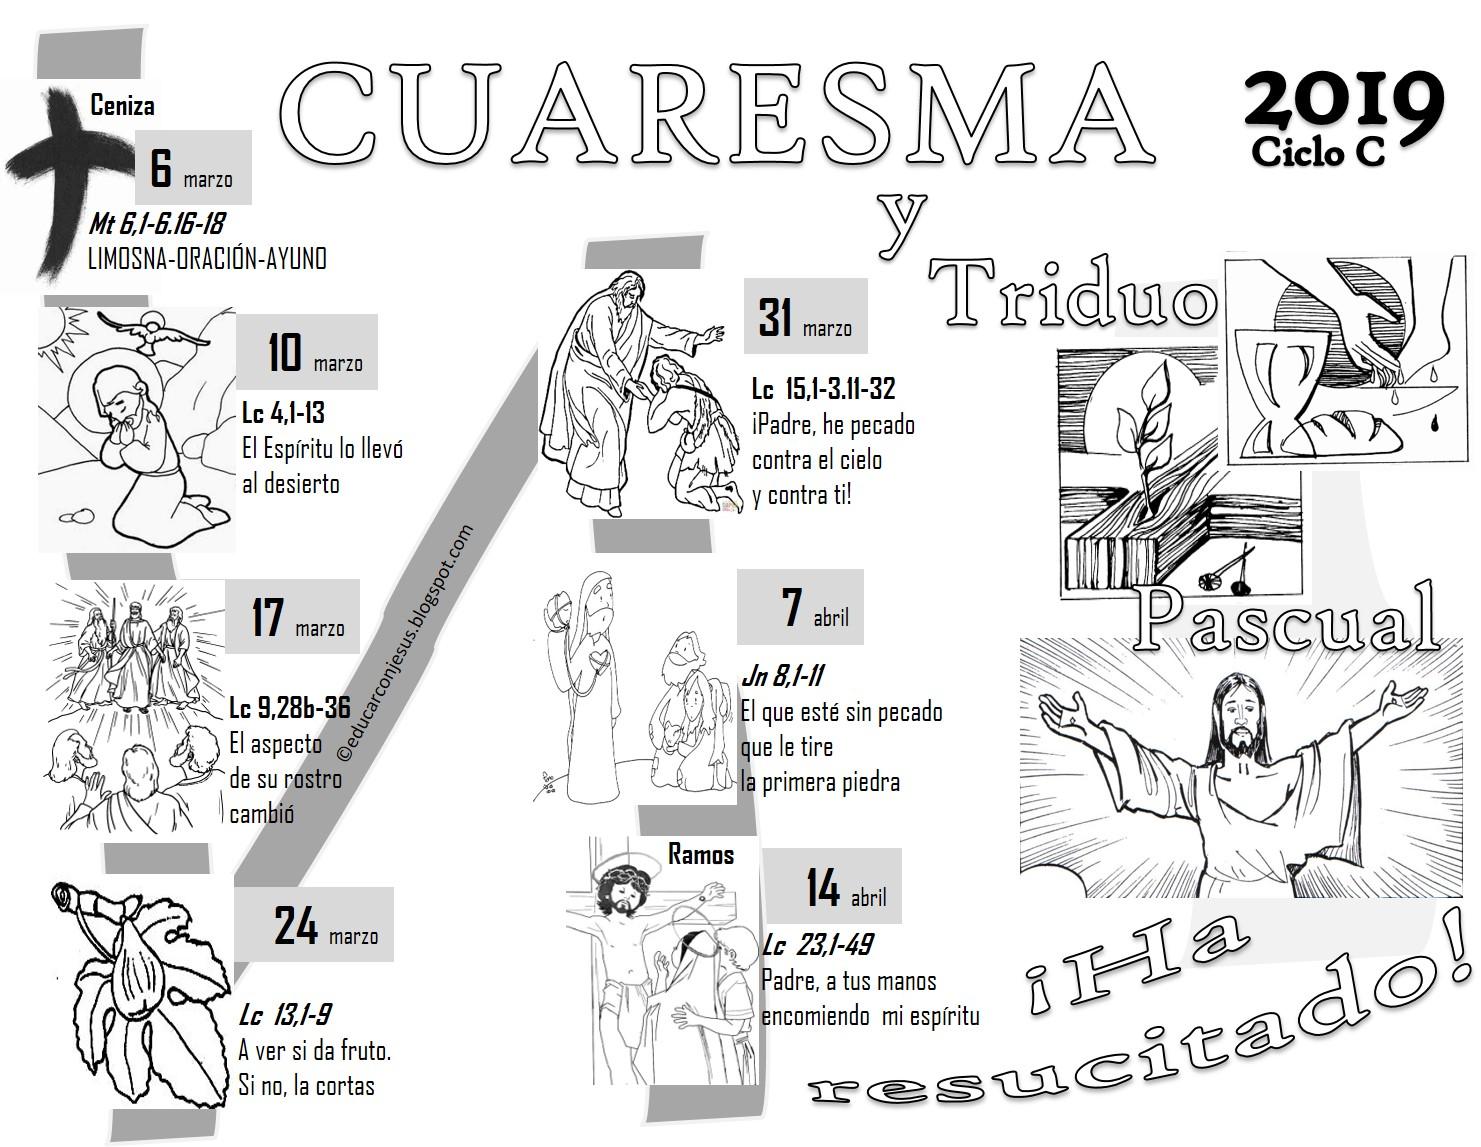 Aci Prensa Calendario.Educar Con Jesus Calendario Cuaresmal Y Triduo Pascual 2019